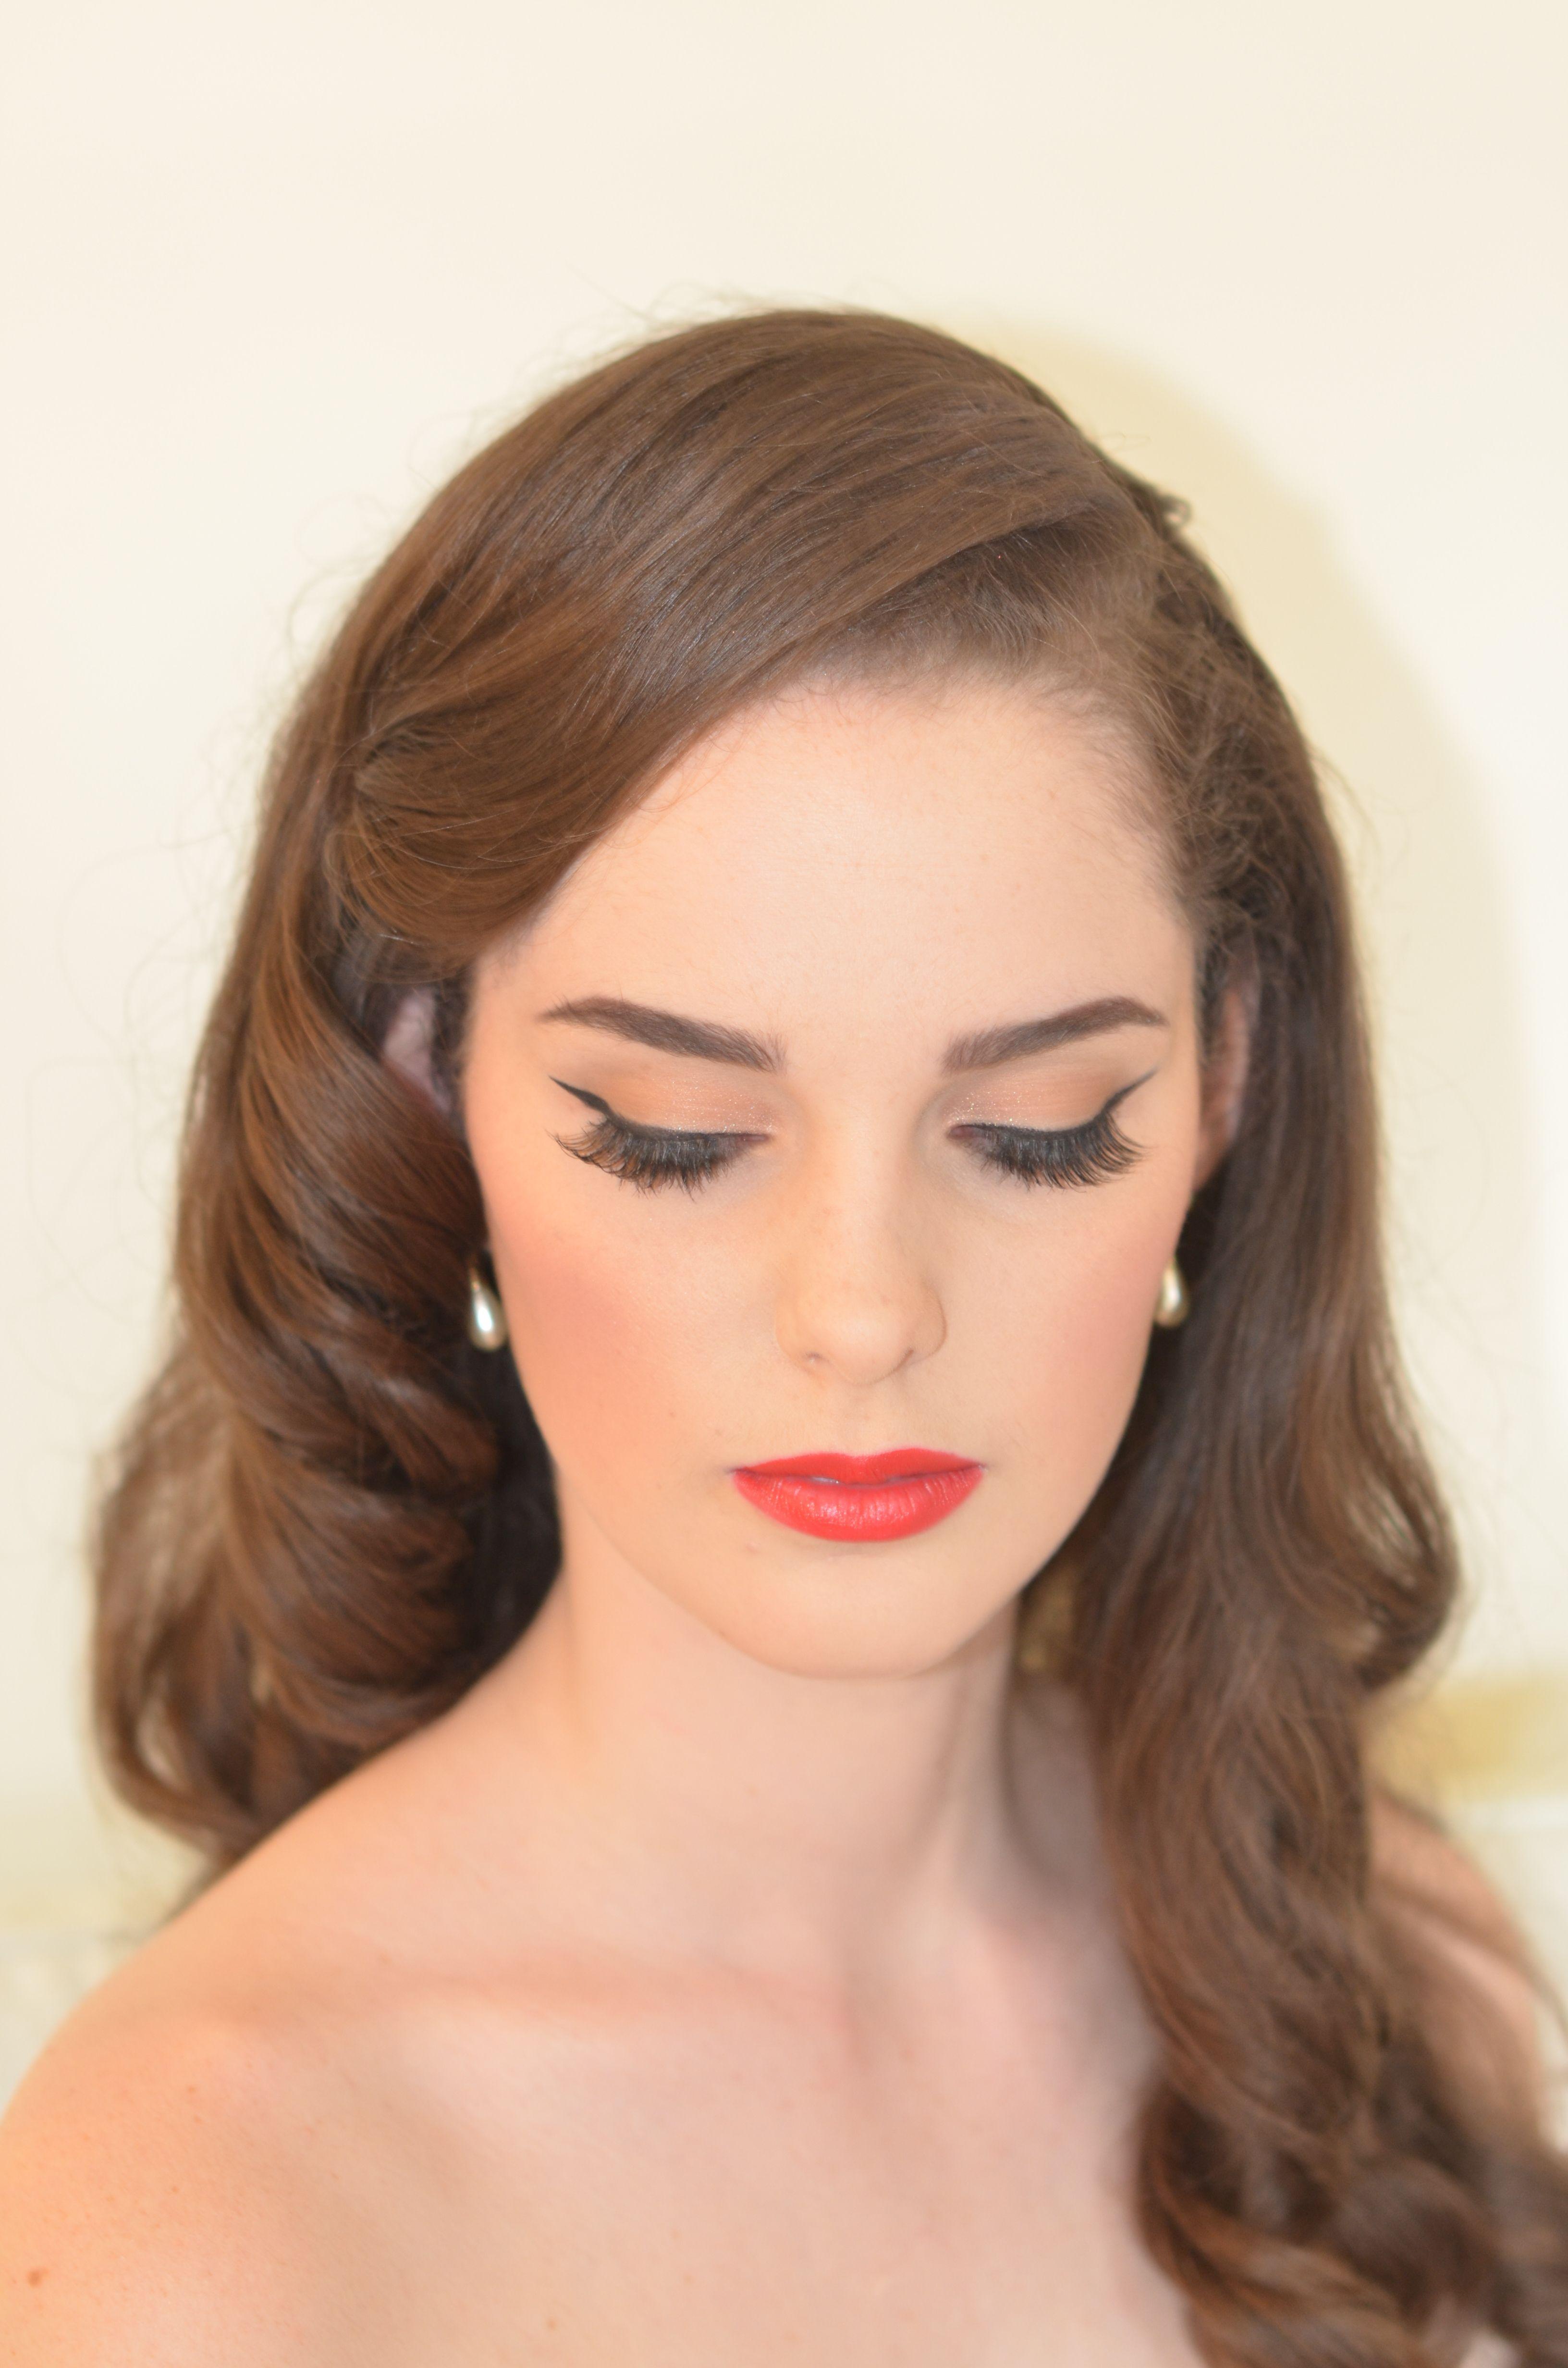 Makeup 4 Brides beautiful bridal makeup, airbrush makeup